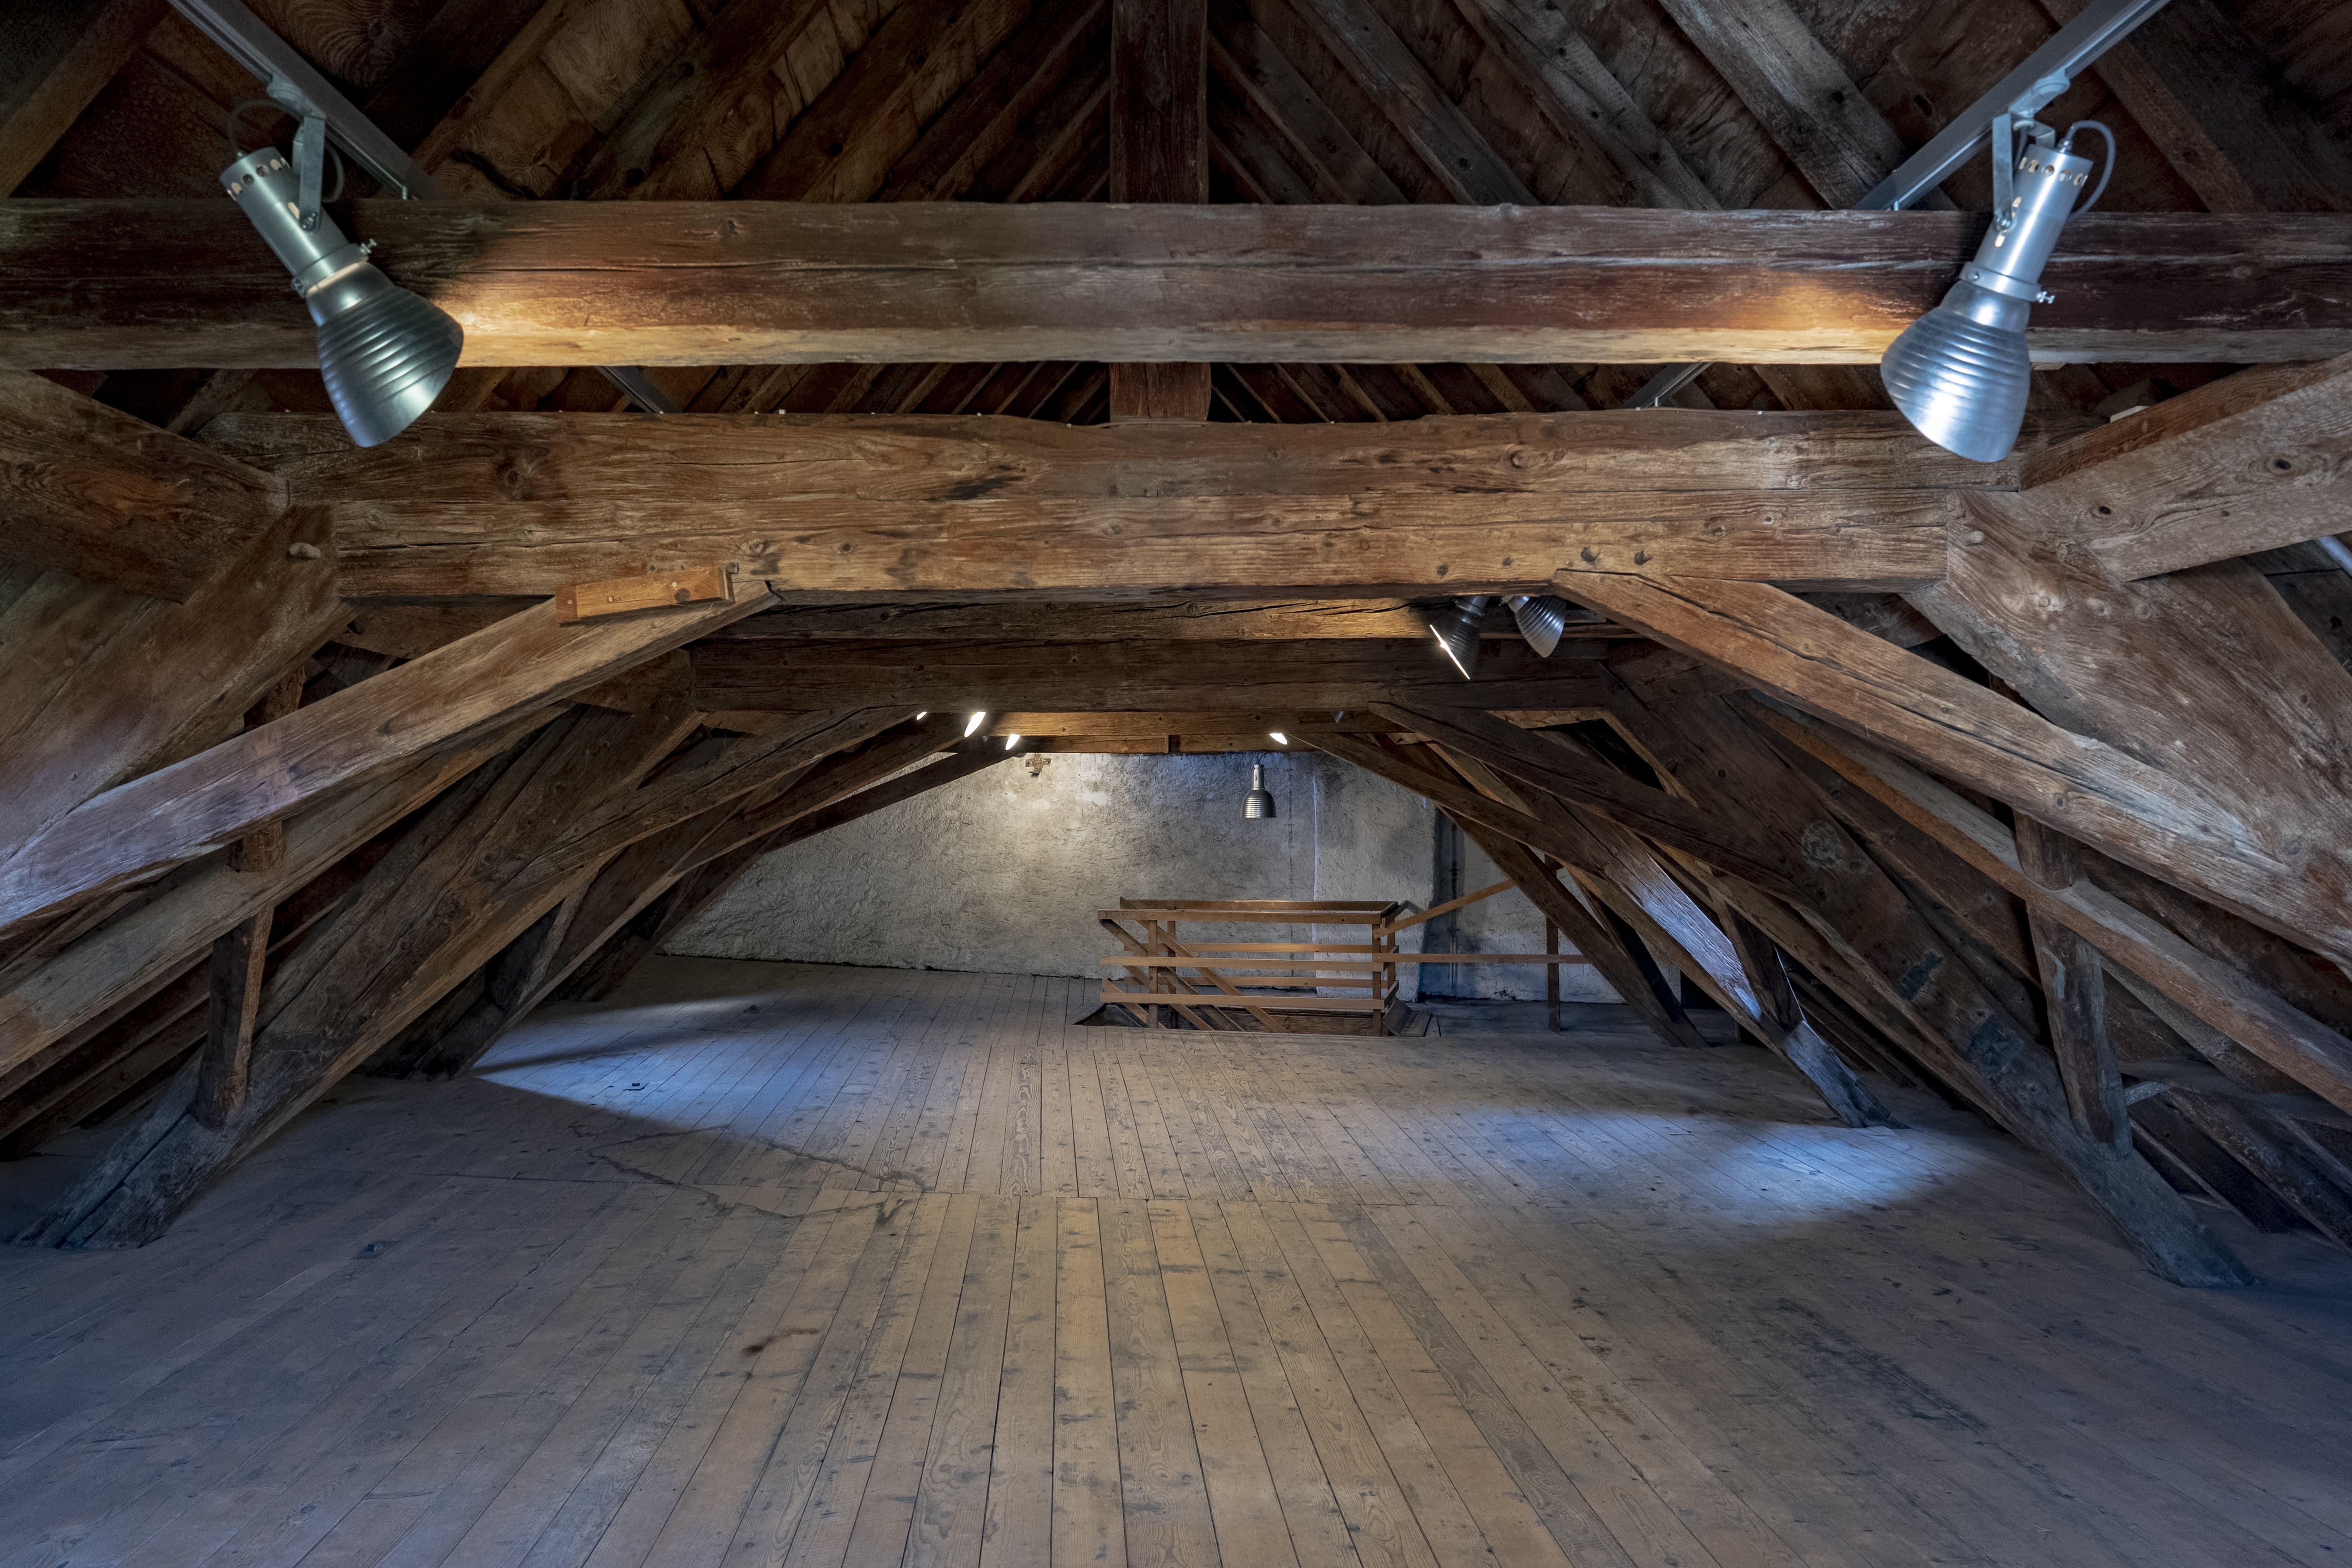 Un grenier en bois avec des lampes au plafond.